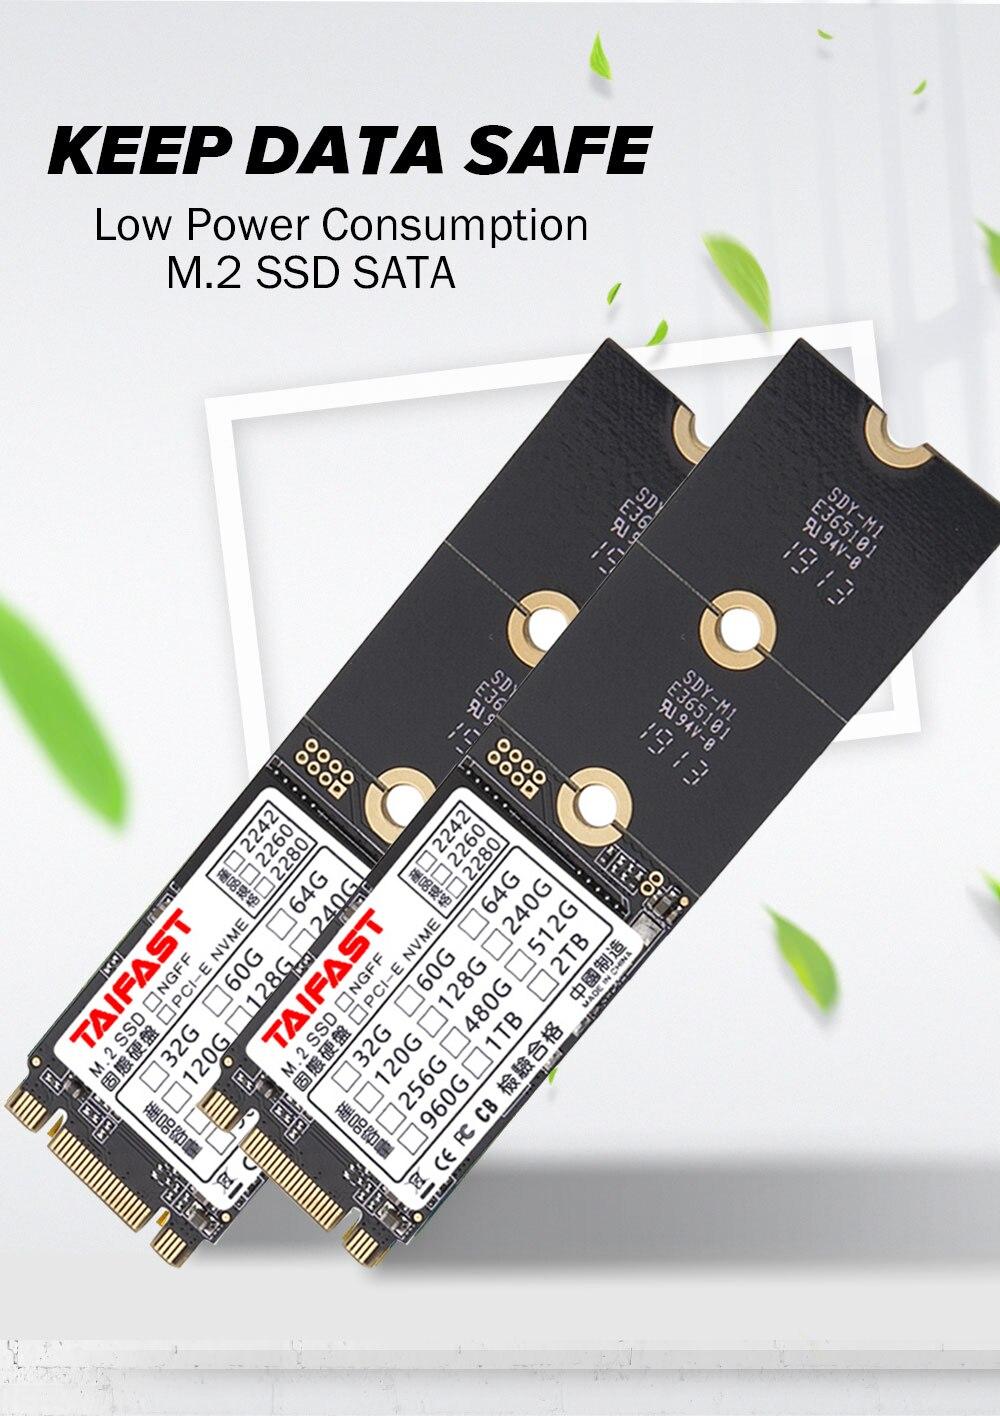 Taifast m.2 ngff sata3 SSD for laptop desktop hard disk 2242 2280 Computer Accessories 64gb 120gb 240gb 256gb 512gb 1tb ssd 4